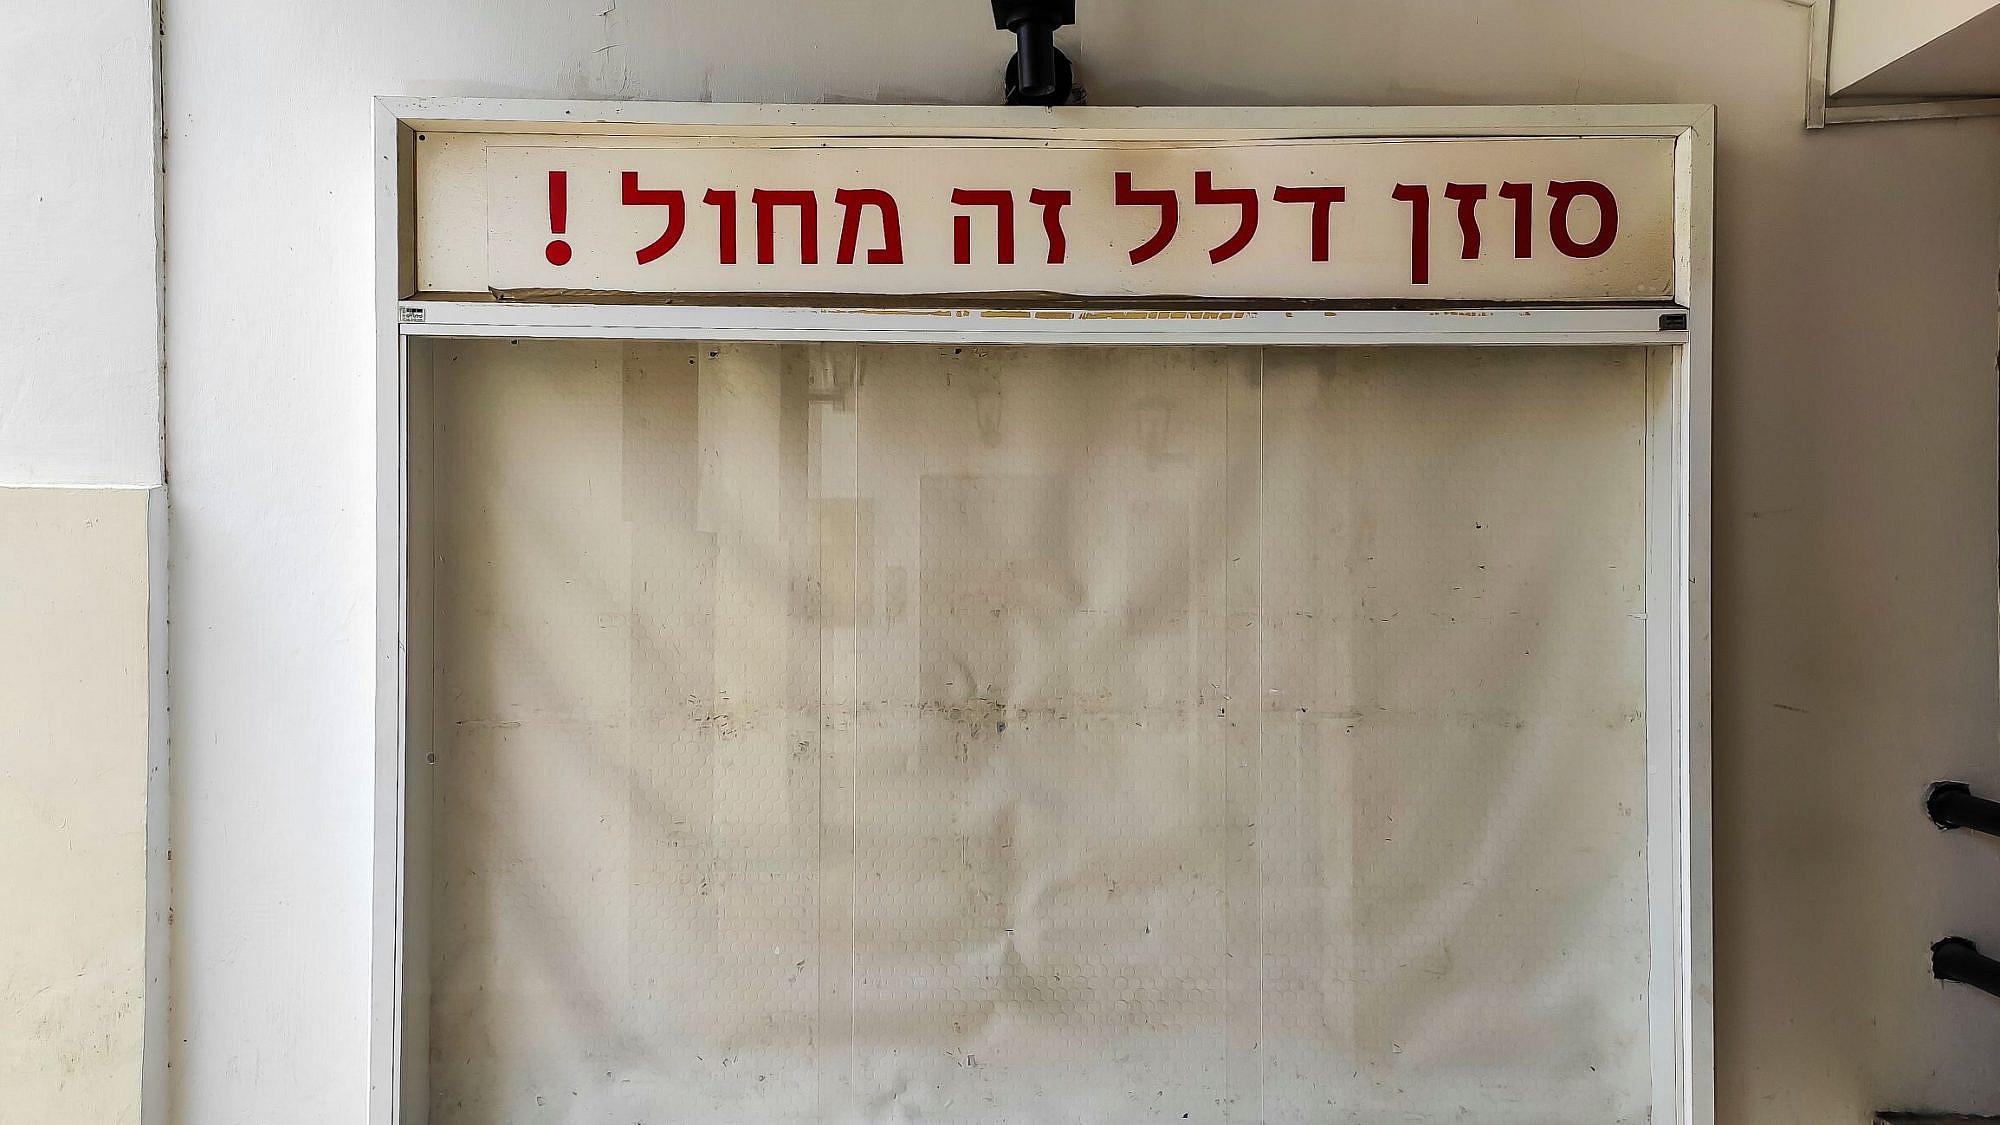 ללא כותרת. צילום: אפרת מזור, תל אביב